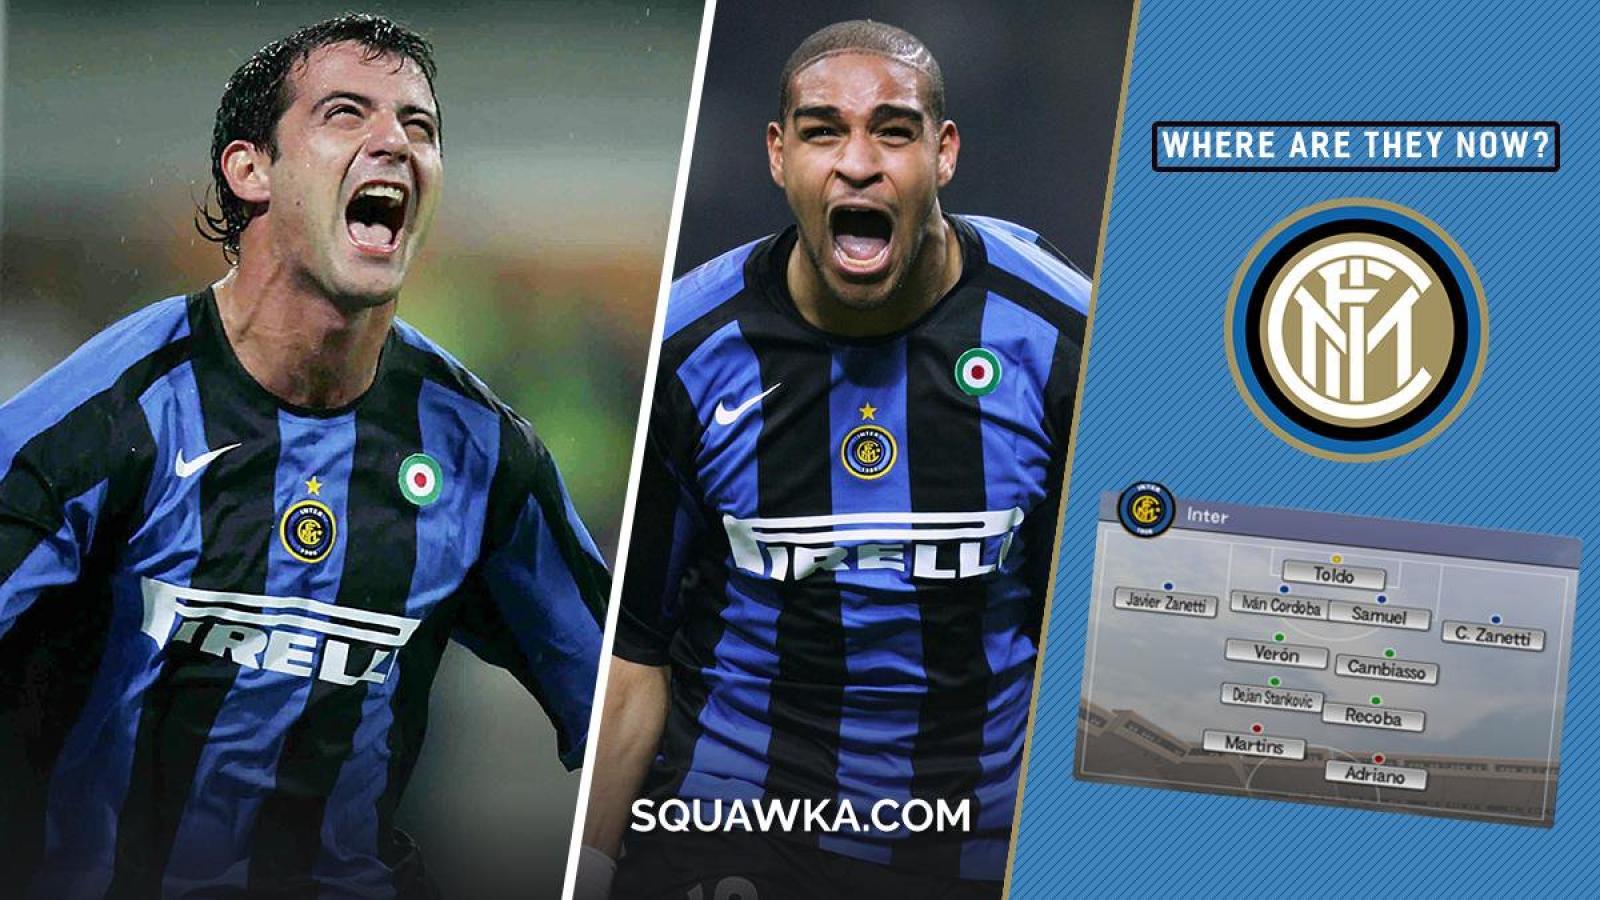 Đội hình Inter Milan một thời khuynh đảo PES 6